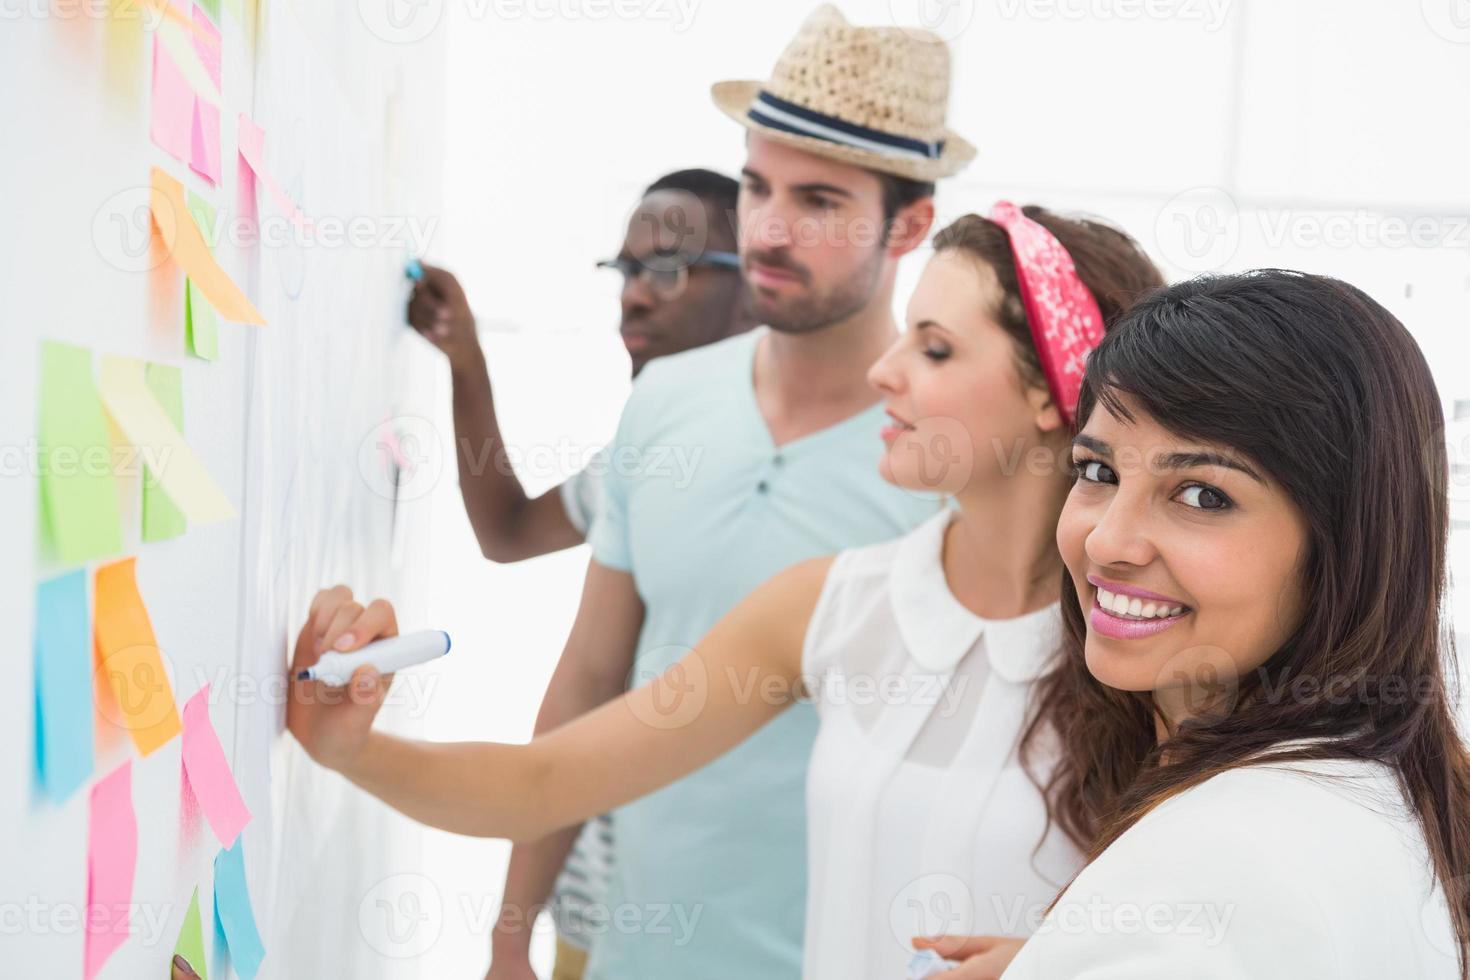 Retrato de mujer sonriente con sus colegas detrás de ella foto